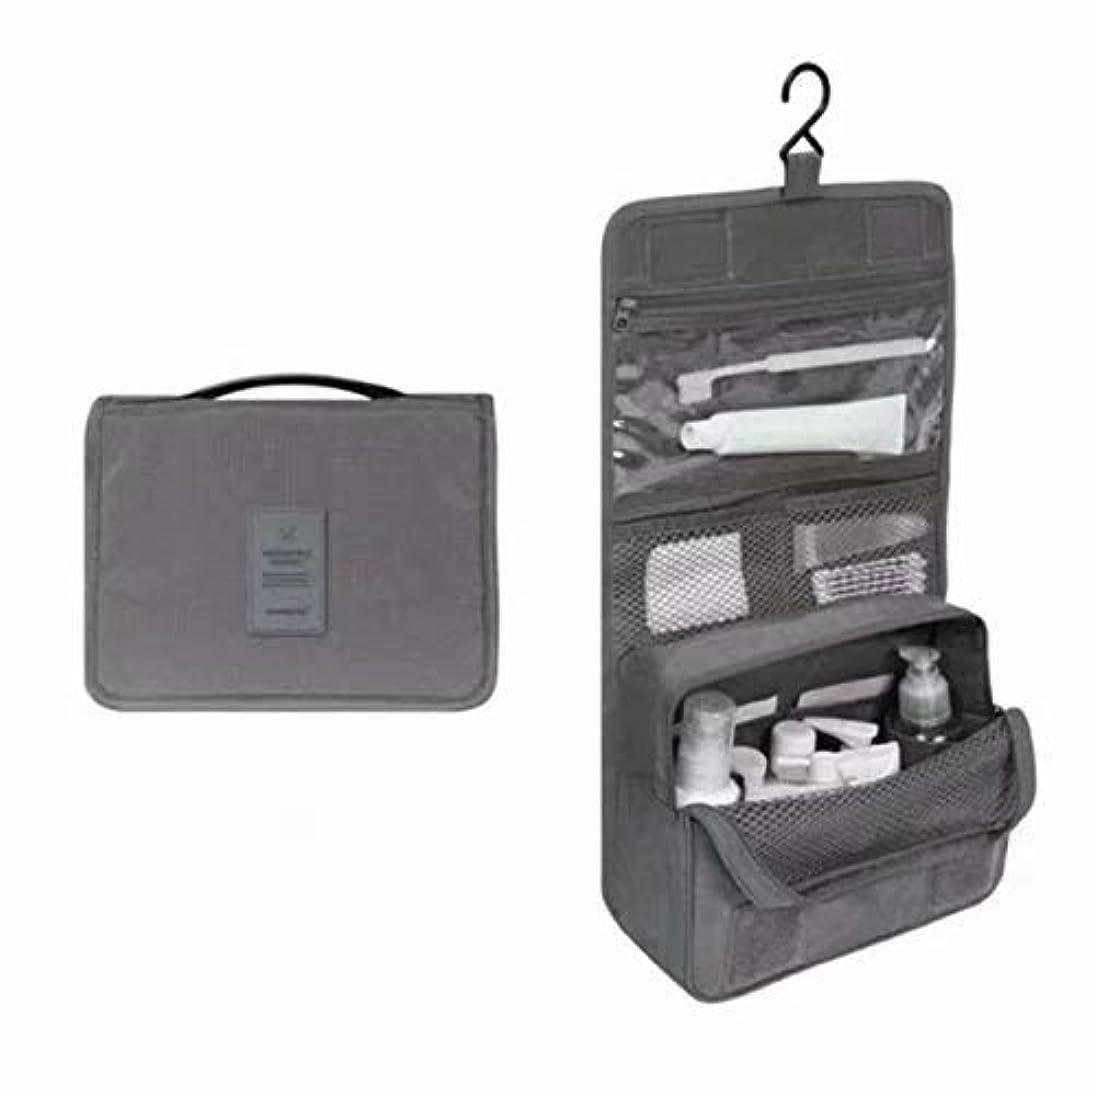 グリル納税者家主トラベルバッグコスメティックコスメティックバッグトラベルバッグバスルームバッグマジックテープフック収納袋コスメティックバッグハンギングトラベル キットの内容:1個